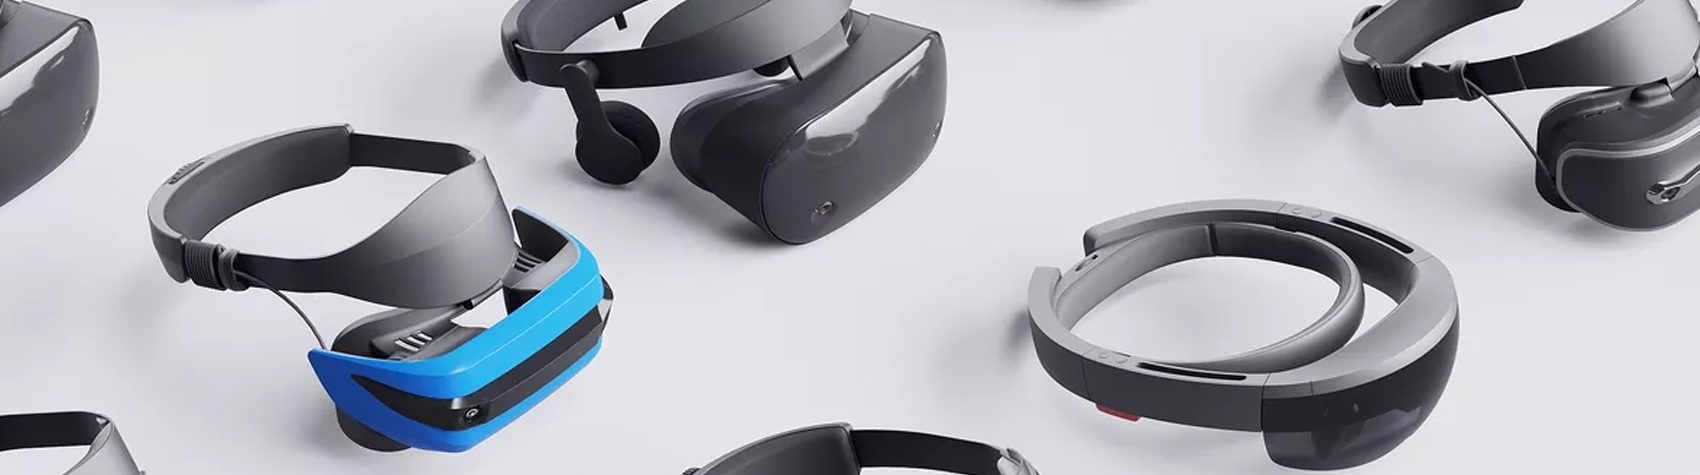 Wat kun je met een VR bril?